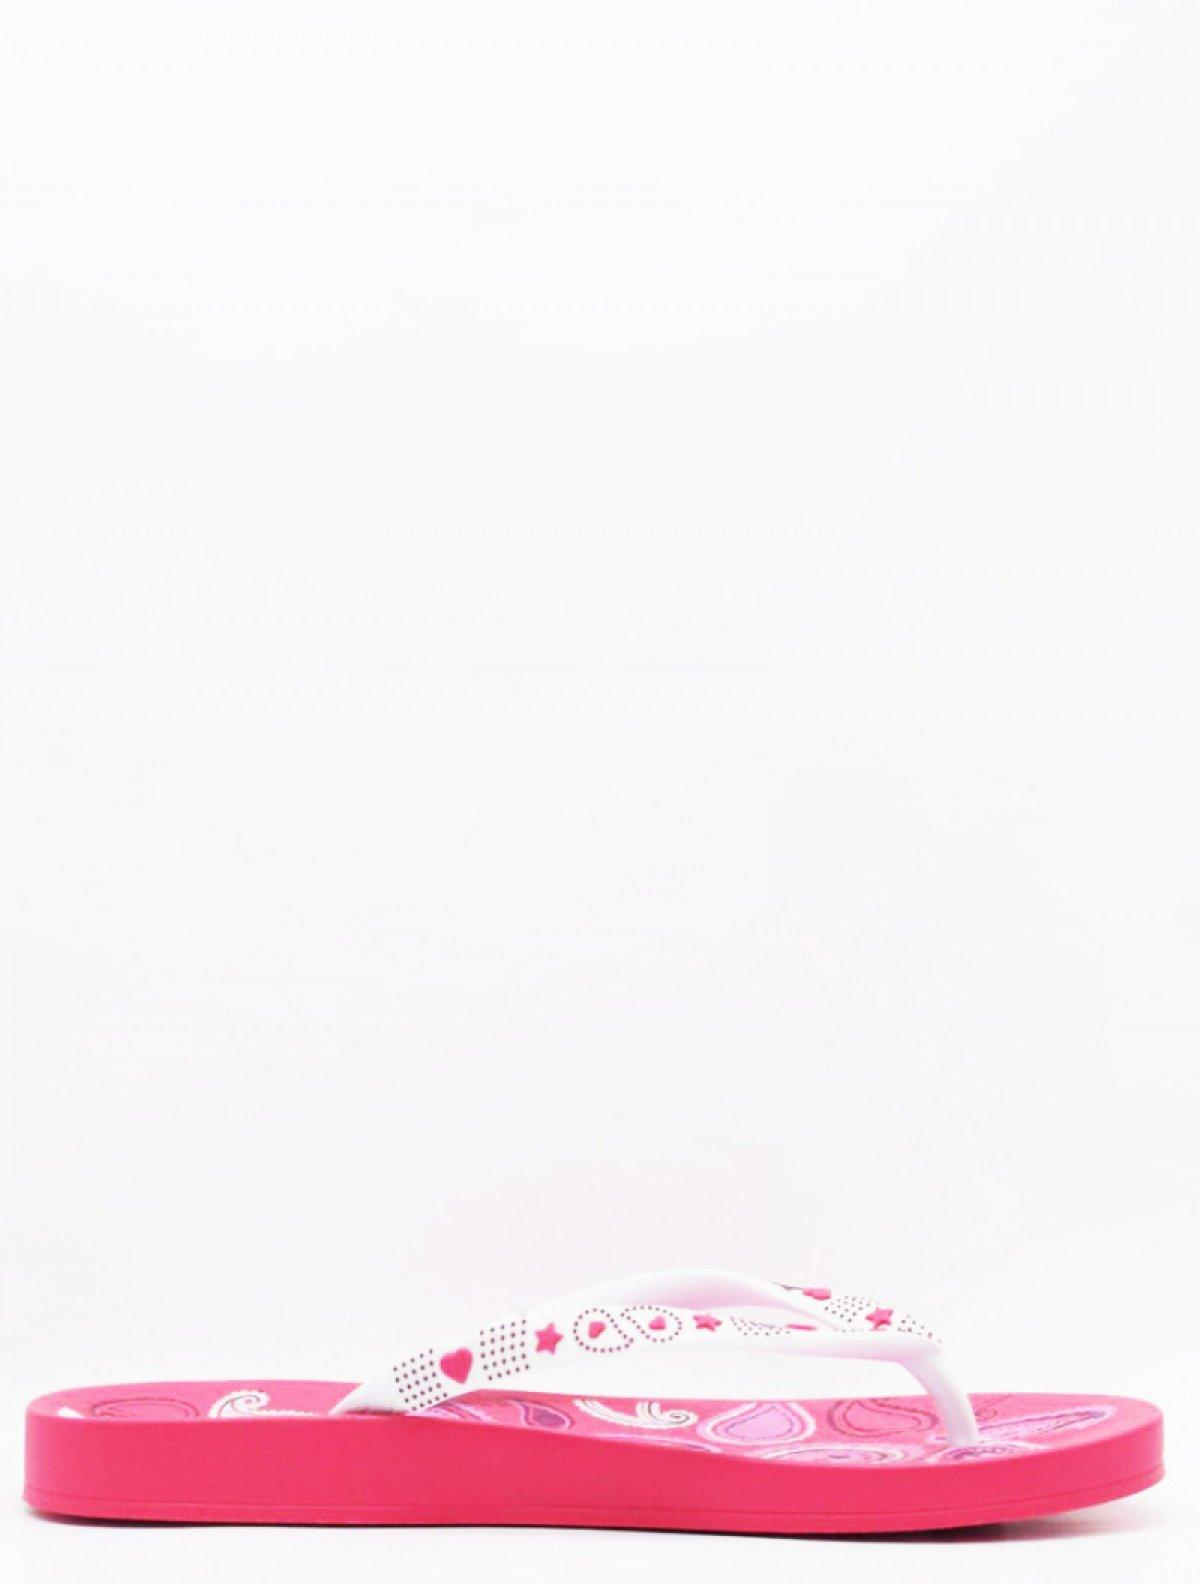 Ipanema 81922-20700 женские пантолеты